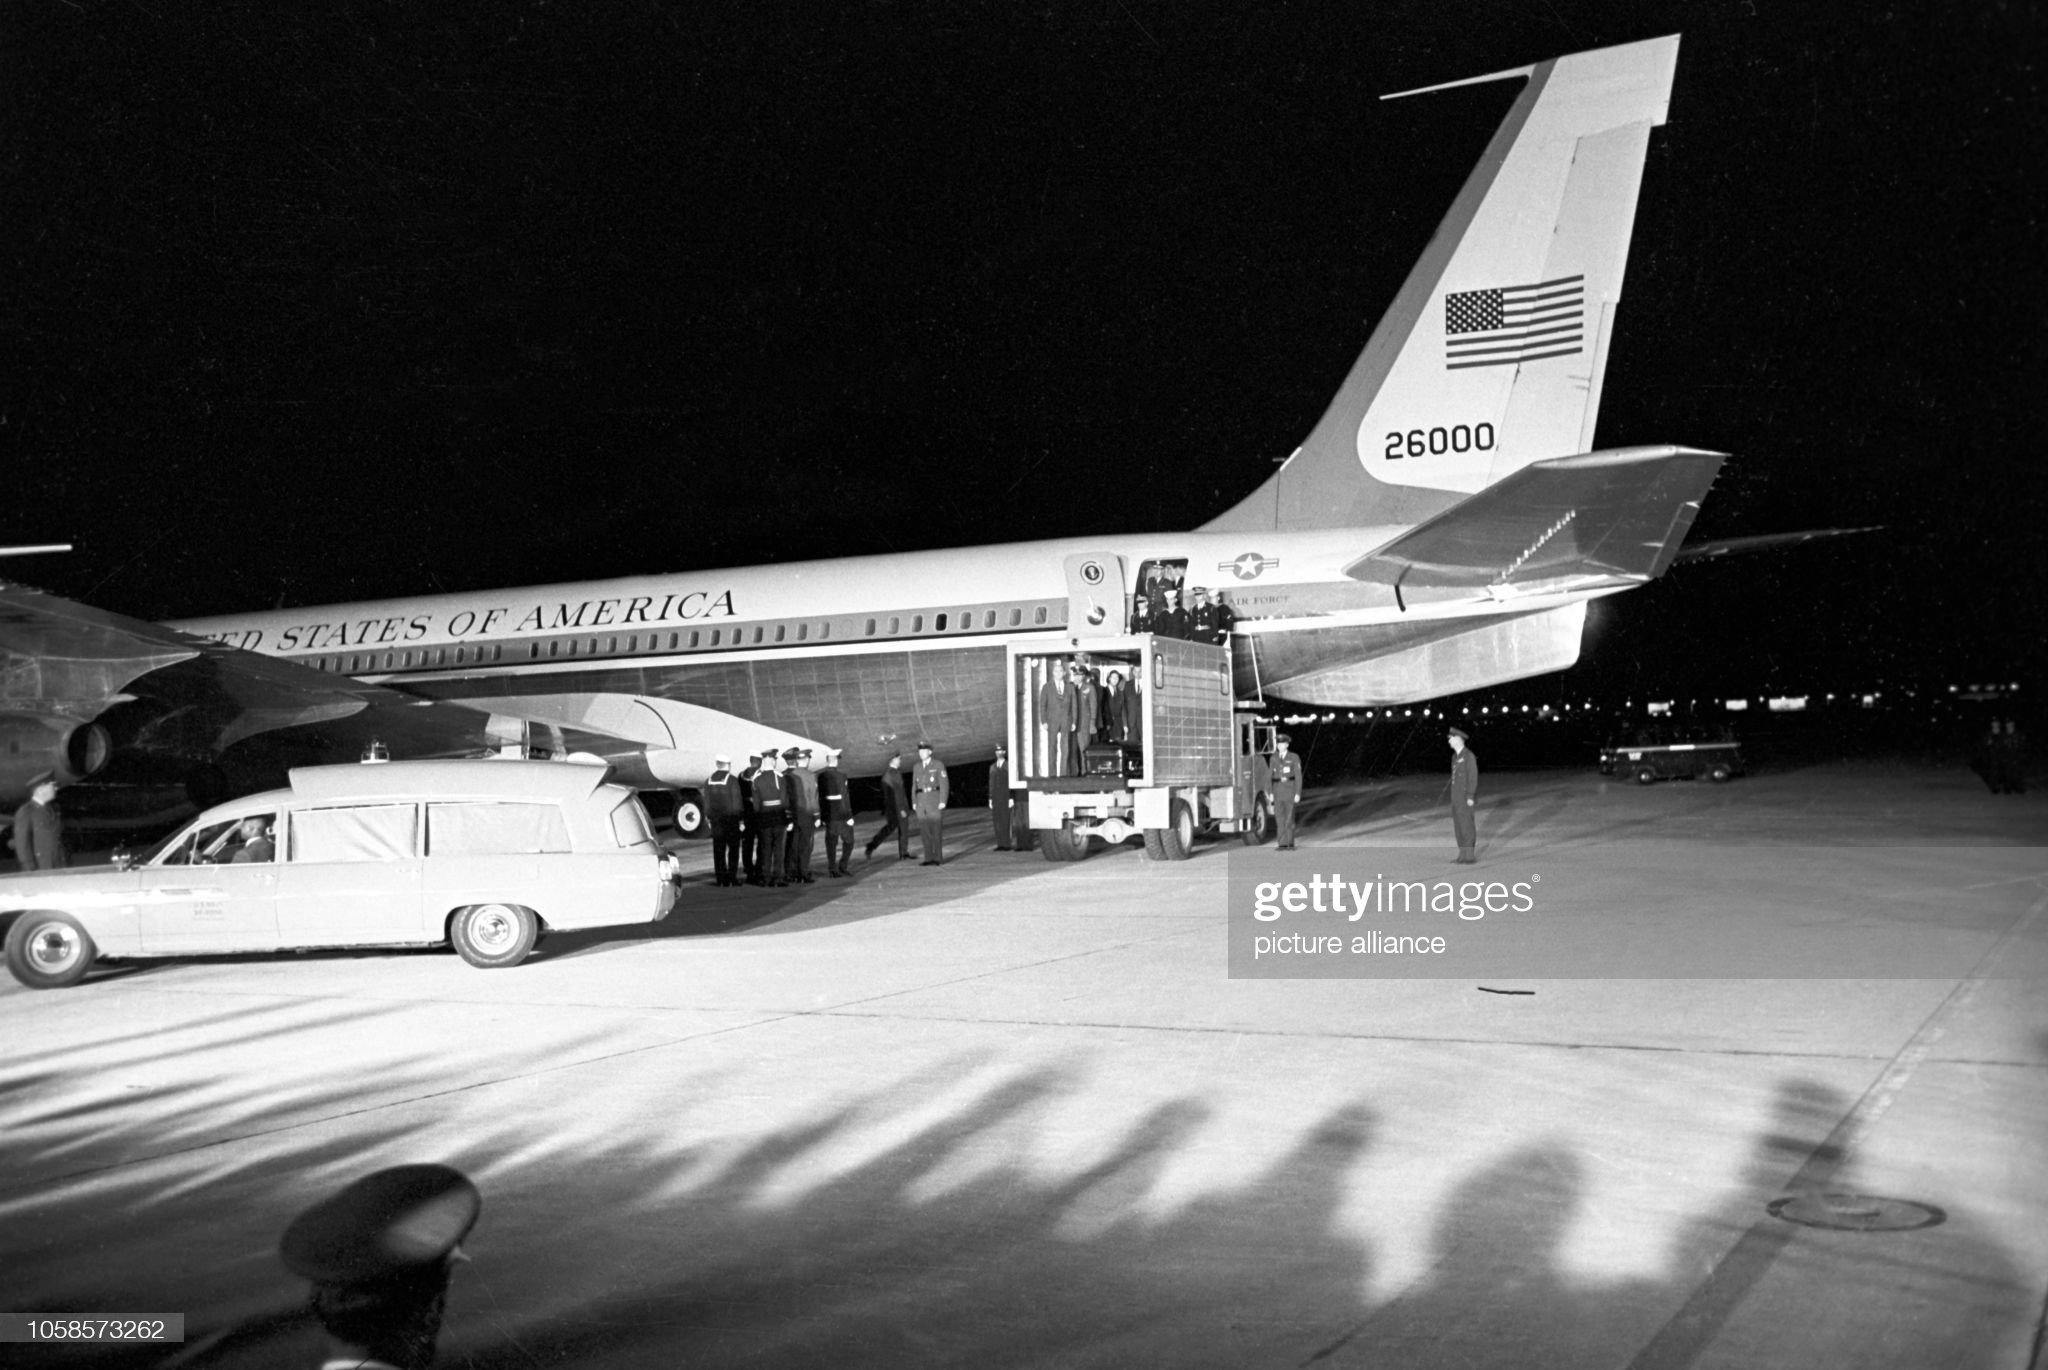 Гроб с покойным президентом прибывает самолетом Air Force One на авиабазу Эндрюс. Штат Мэриленд. 22 ноября 1963 г.